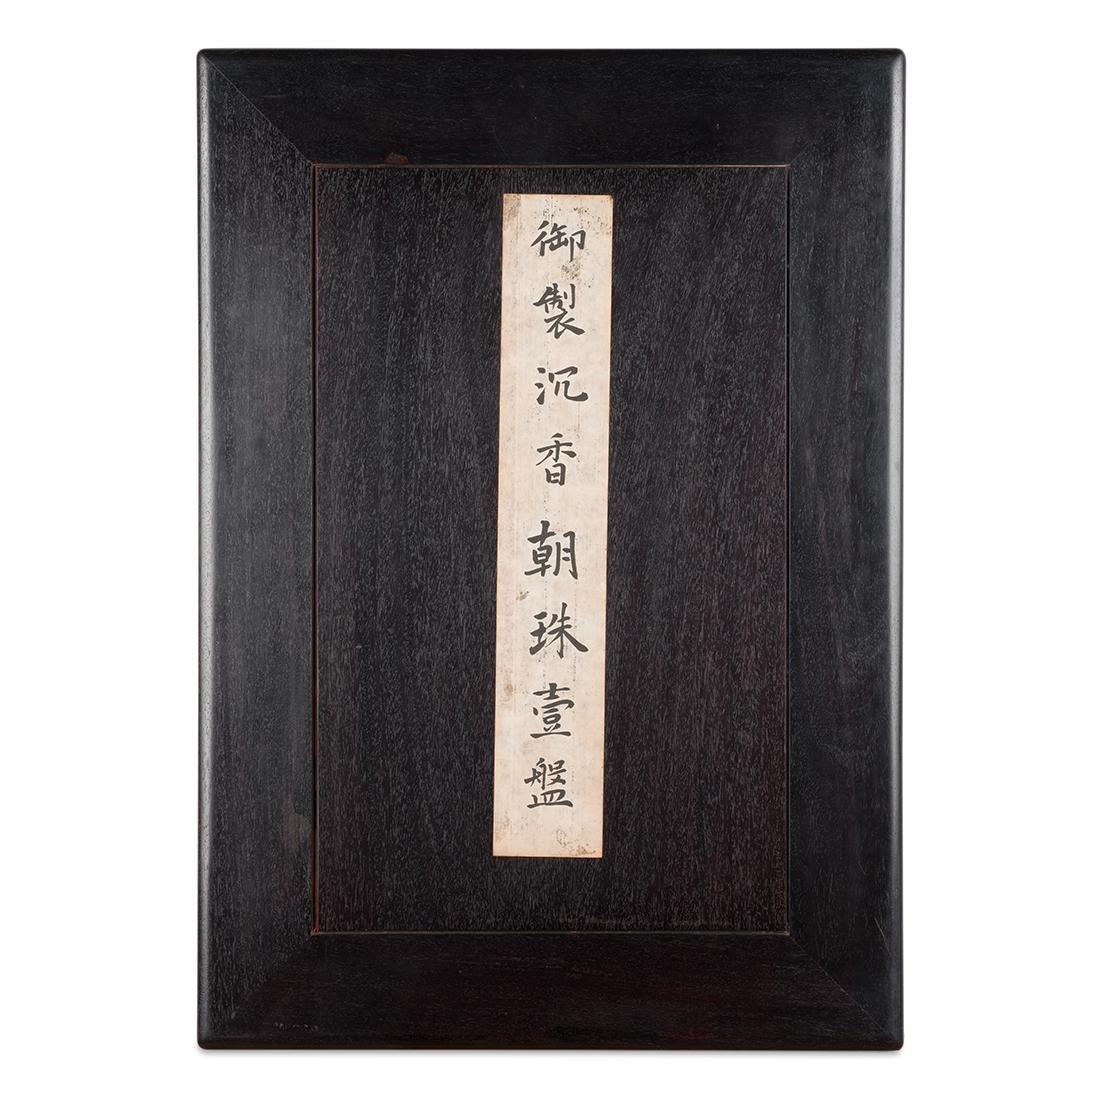 CHENXIANG CHAOZHU IN WOODEN BOX - 2